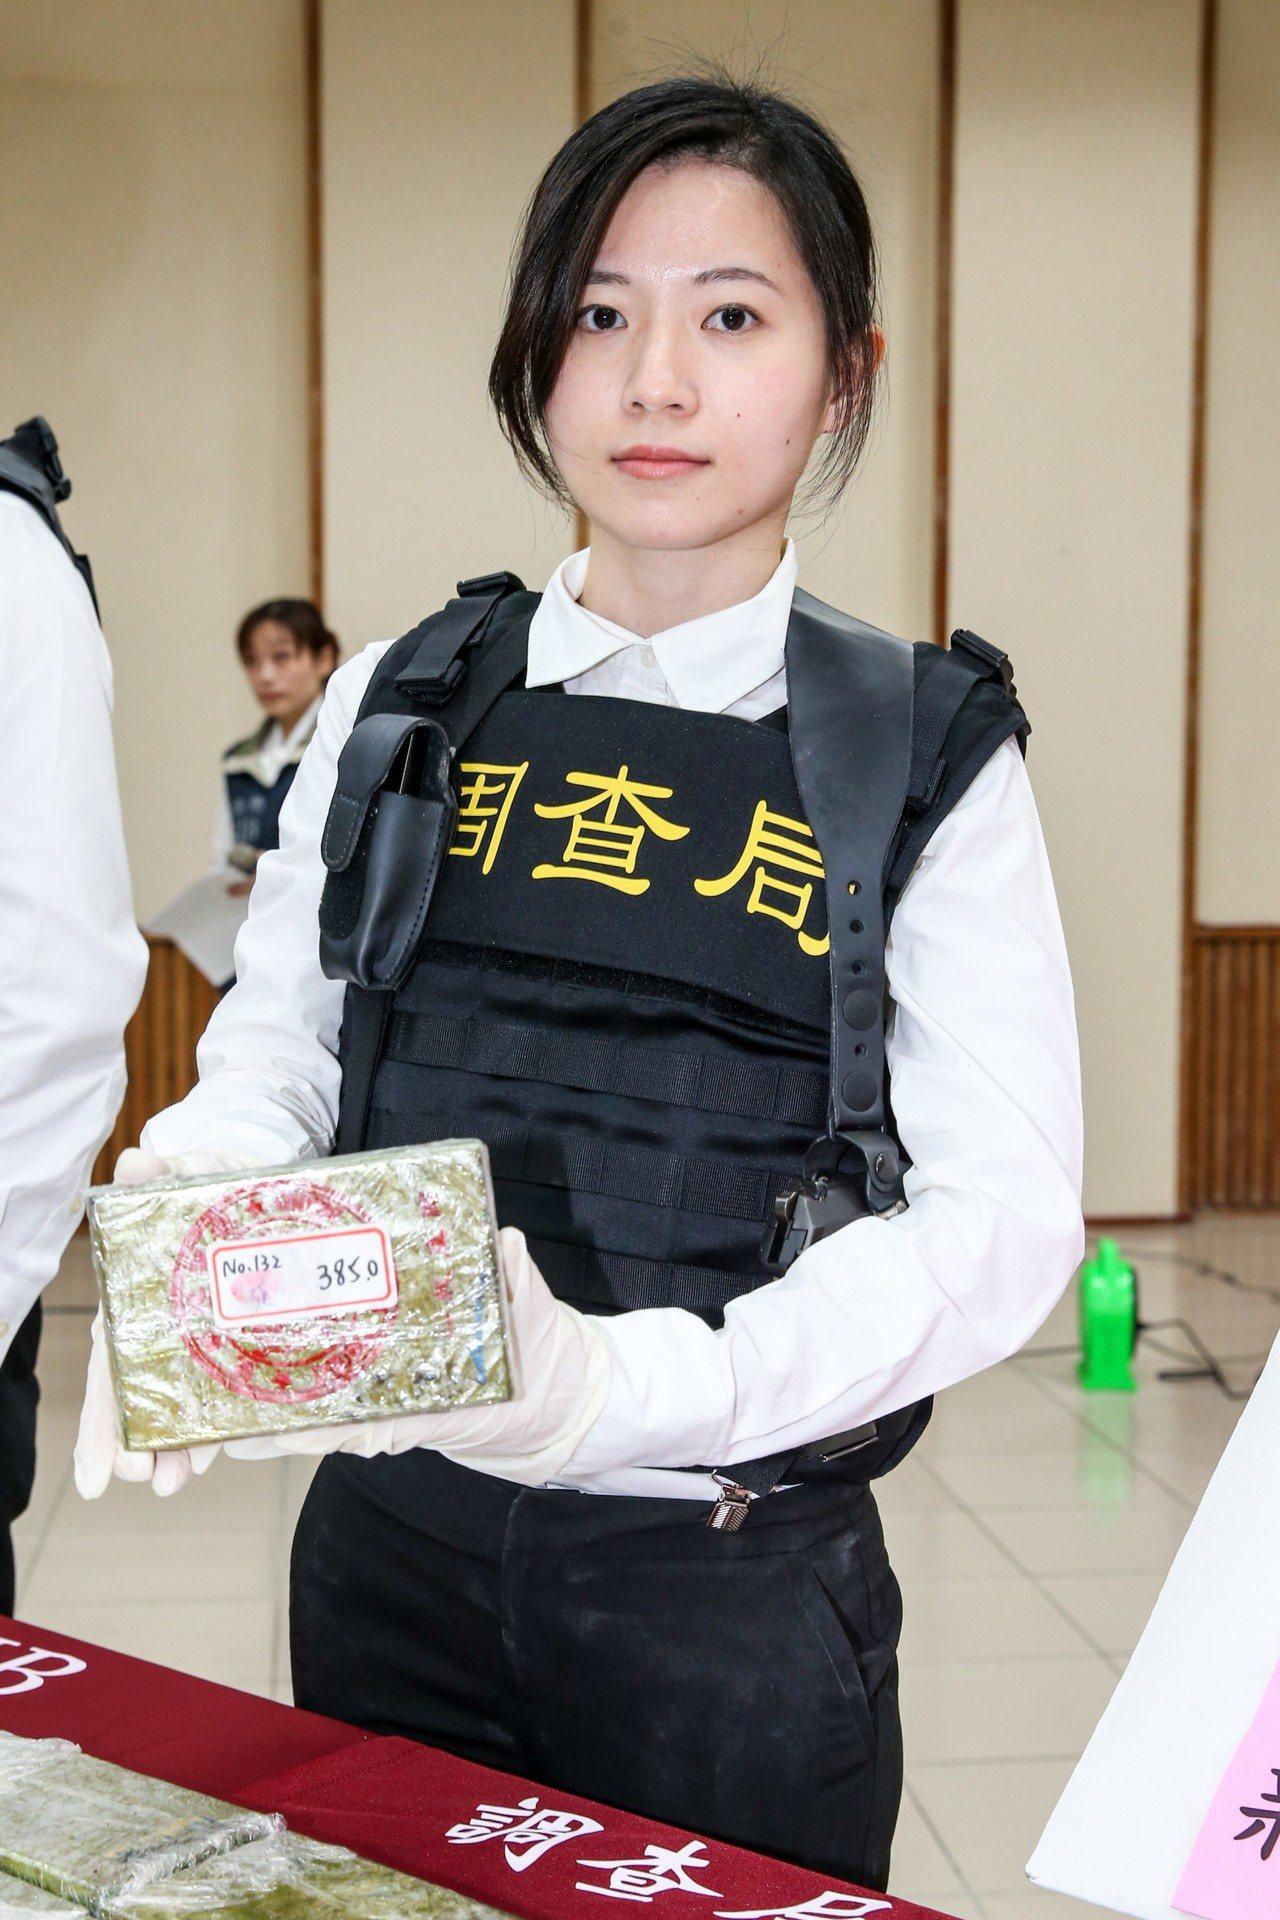 調查局美女調查官李穎,外號「小林志玲」。圖/資料照片